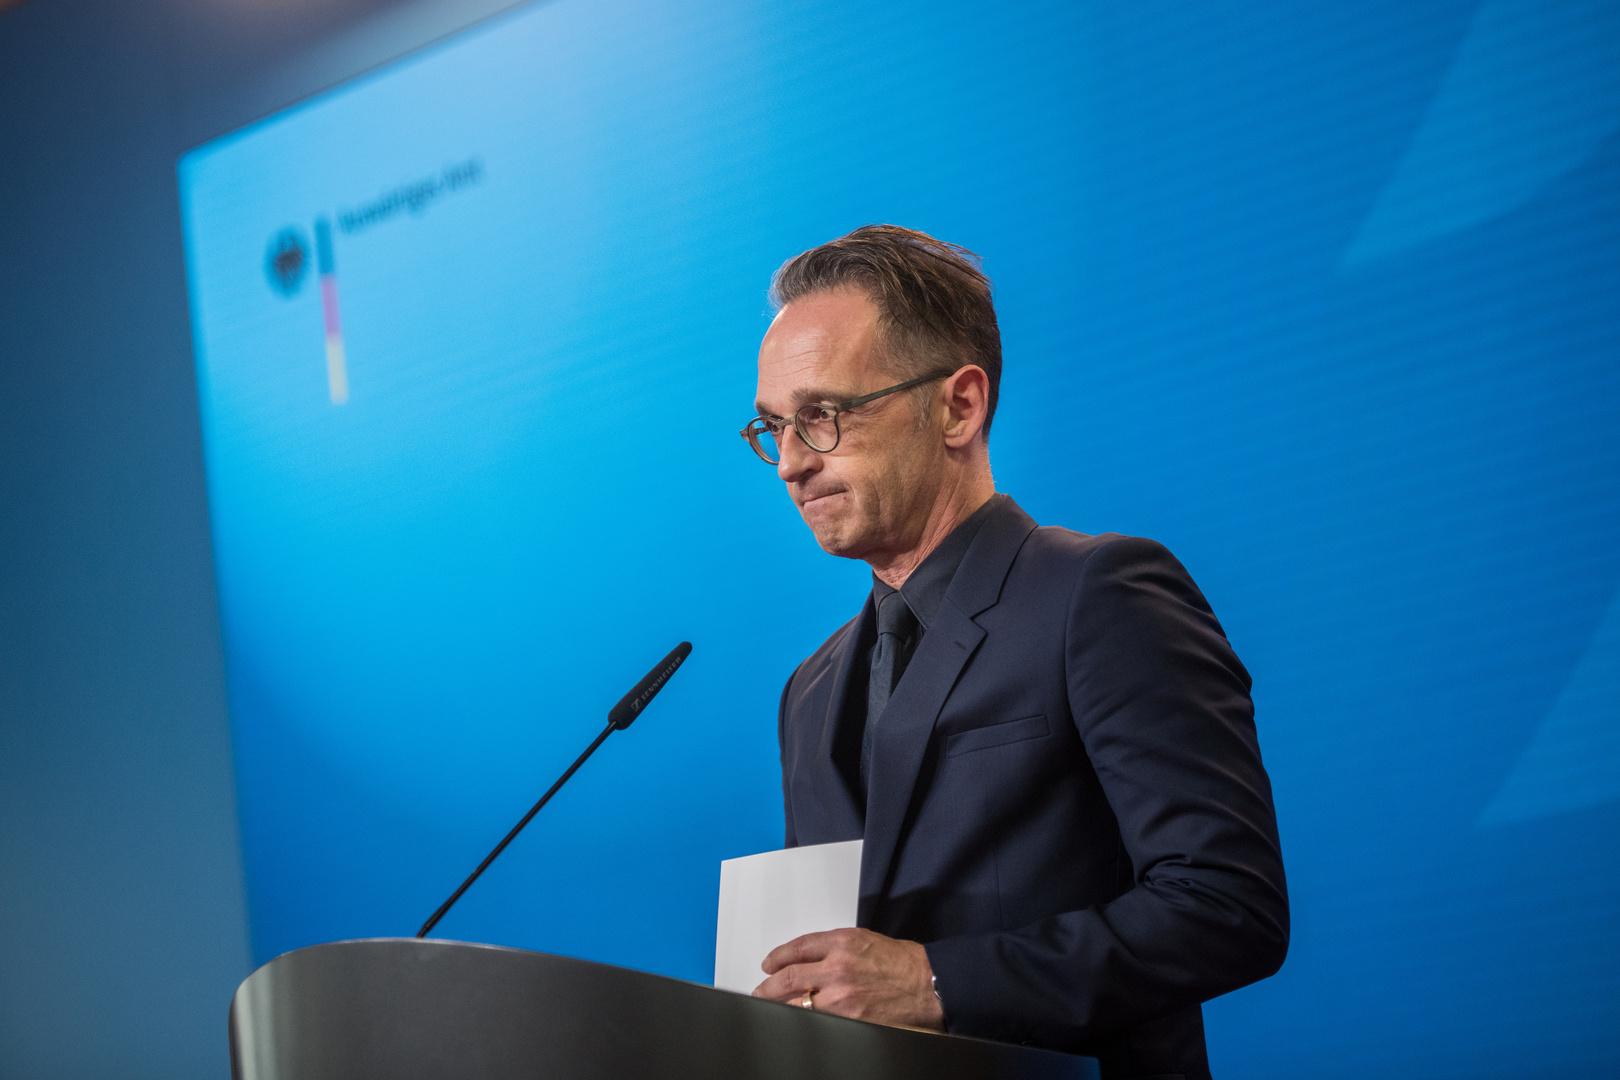 ماس: لا يوجد سبب لدى برلين لعدم تلبية الطلب الروسي بشأن نافالني